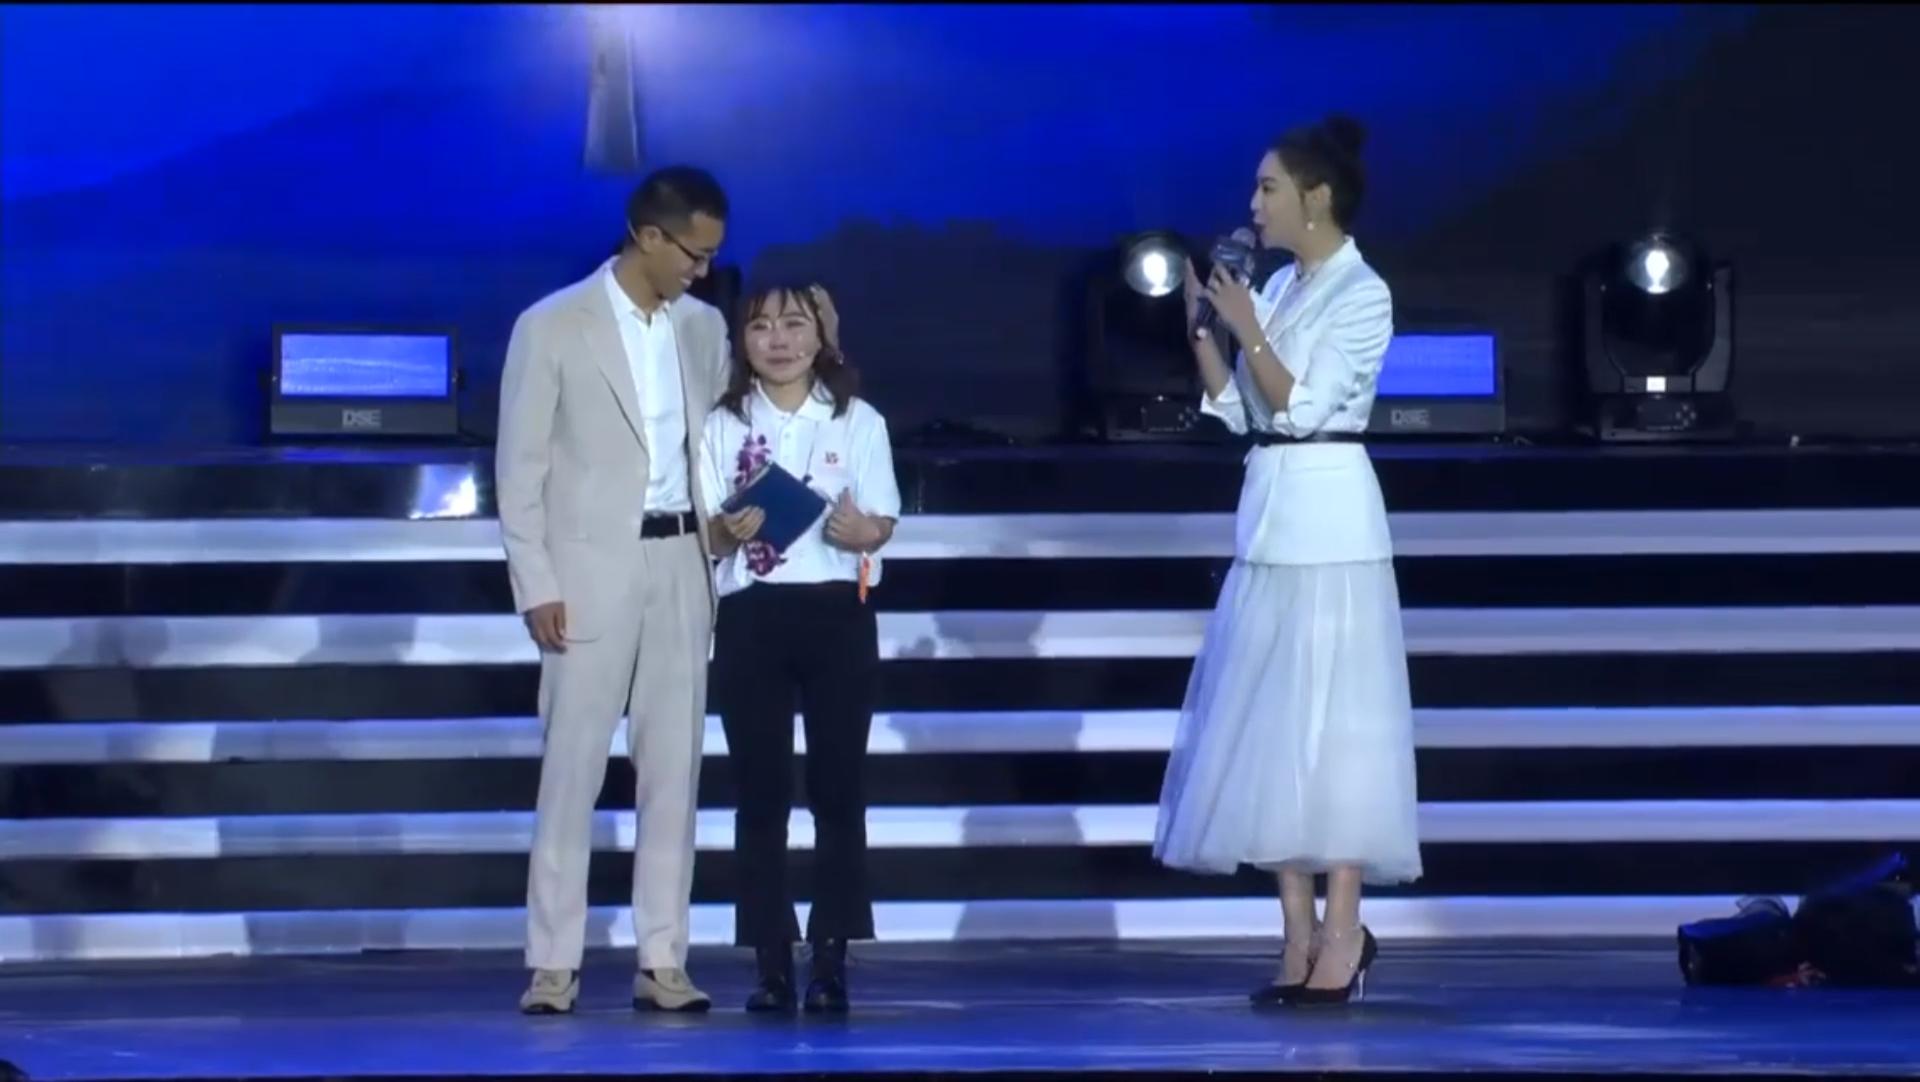 马云现场证婚:90后乡村教师颁奖典礼现场求婚